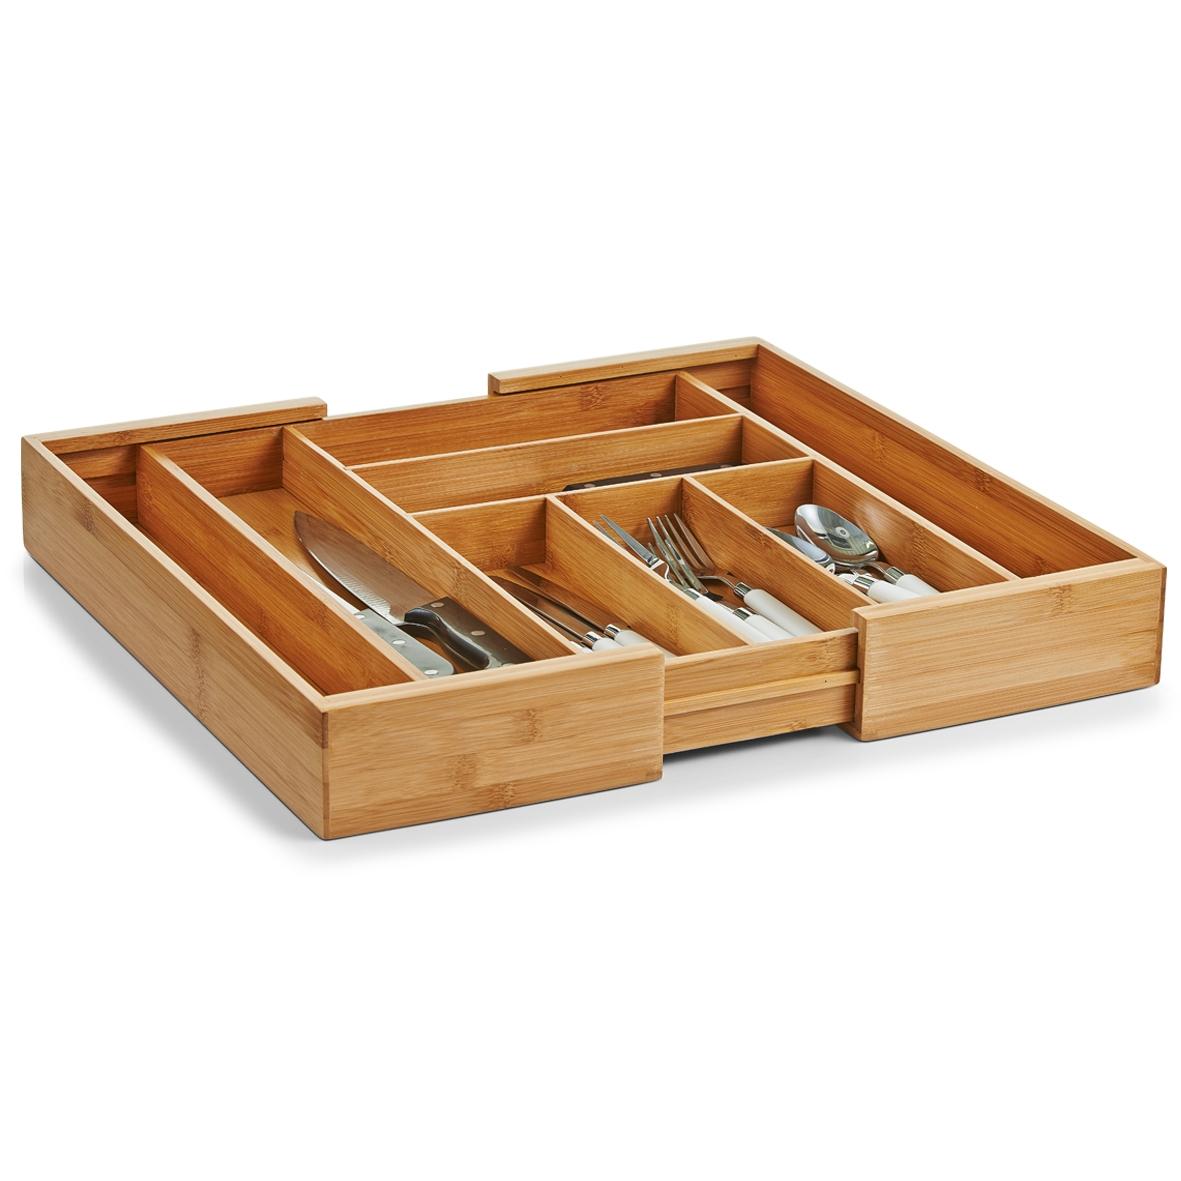 Organizator pentru tacamuri, Bamboo, 8 compartimente, l35-58xA43xH6,5 cm imagine